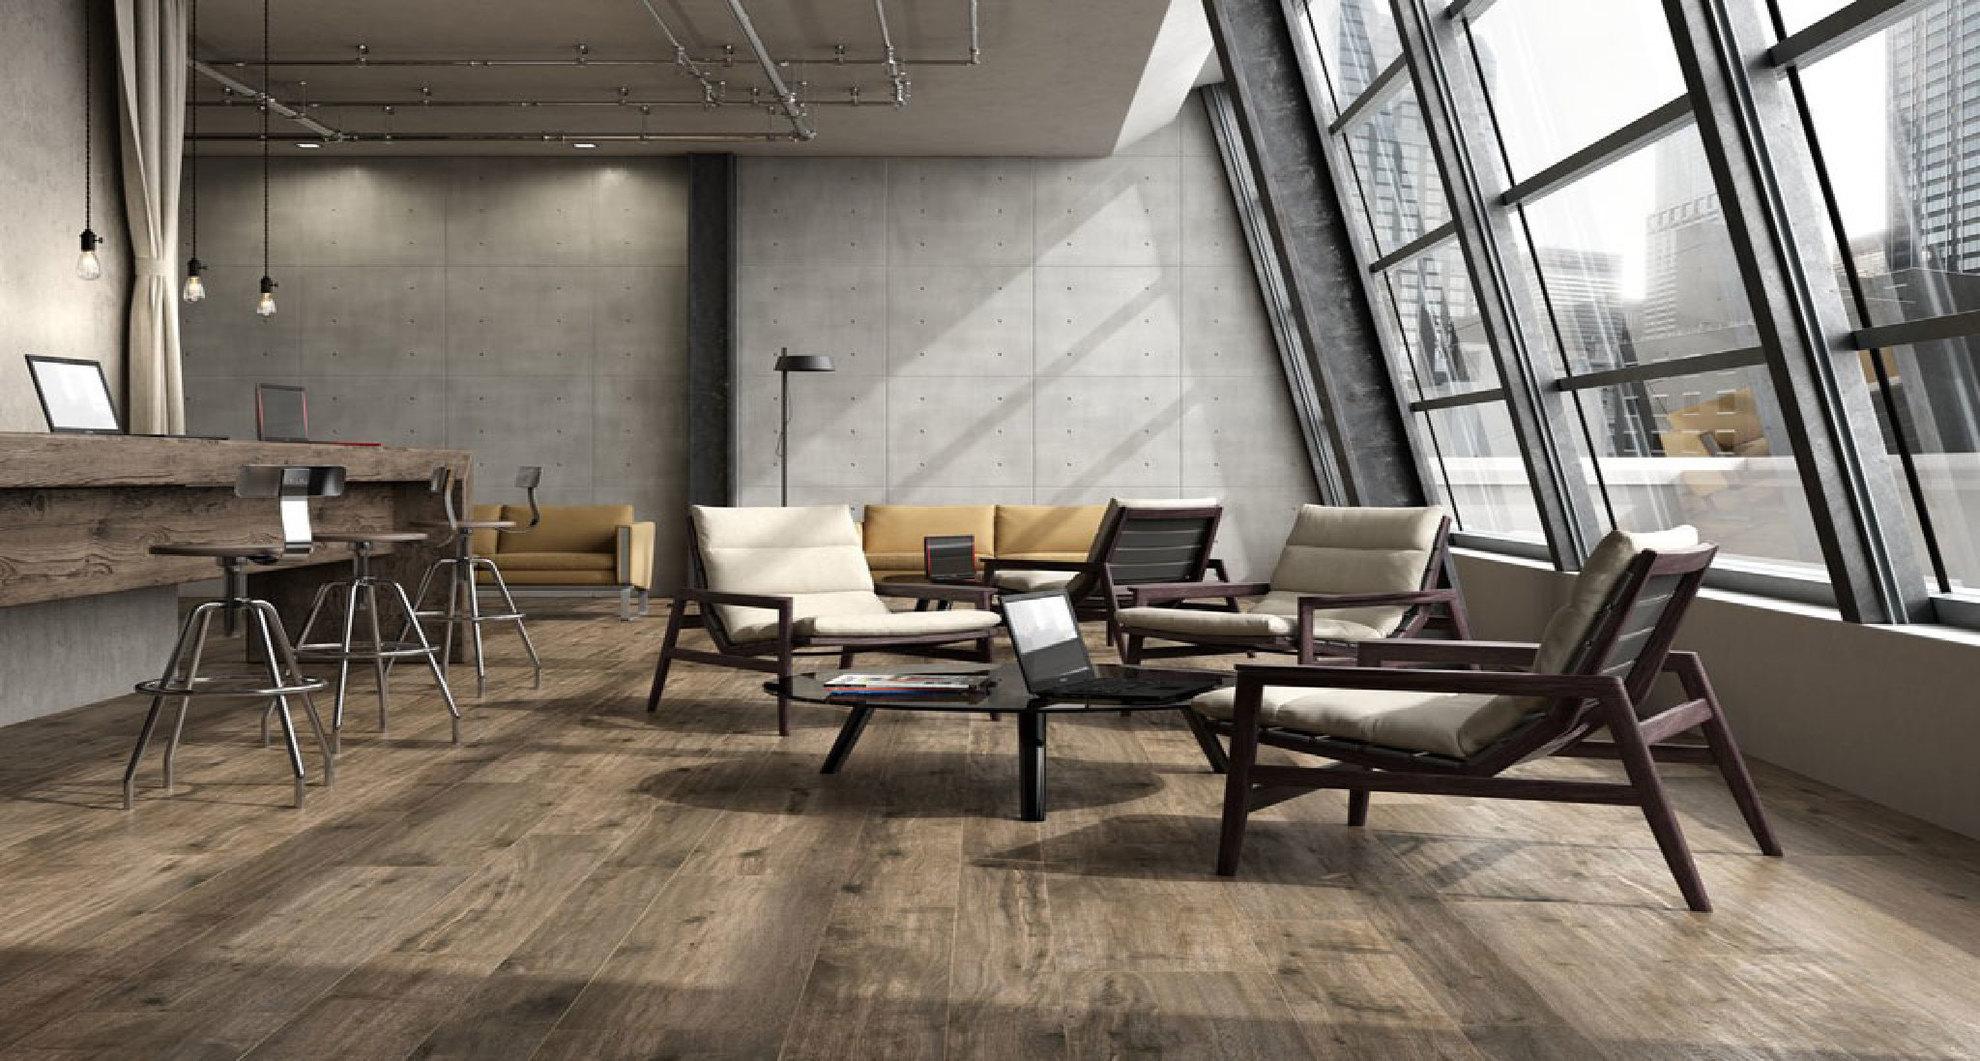 Piastrelle in gres effetto legno per ambienti interni ed - Piastrelle gres effetto legno ...